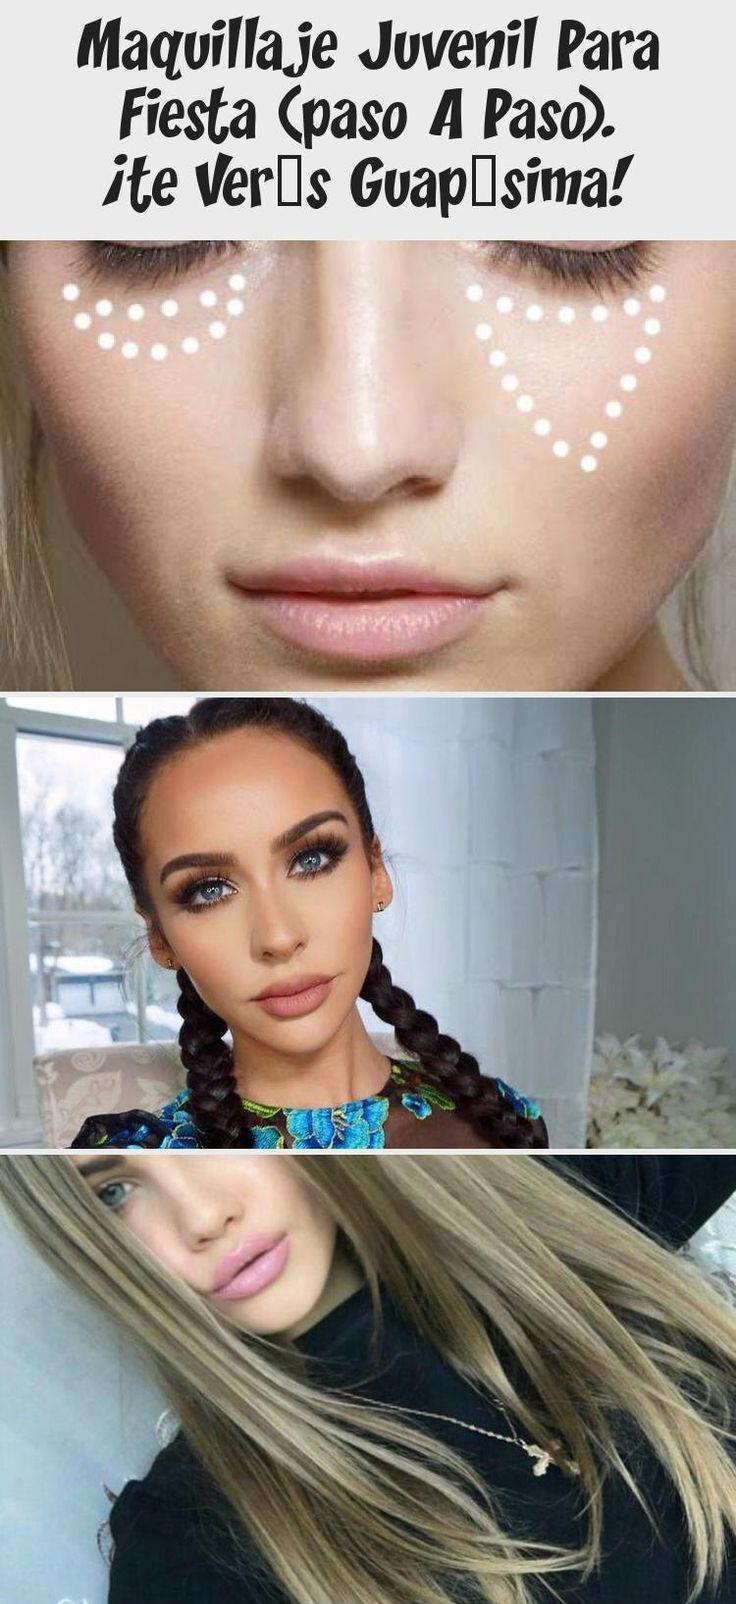 Maquillaje Juvenil Para Fiesta (paso A Paso). ¡te Verás